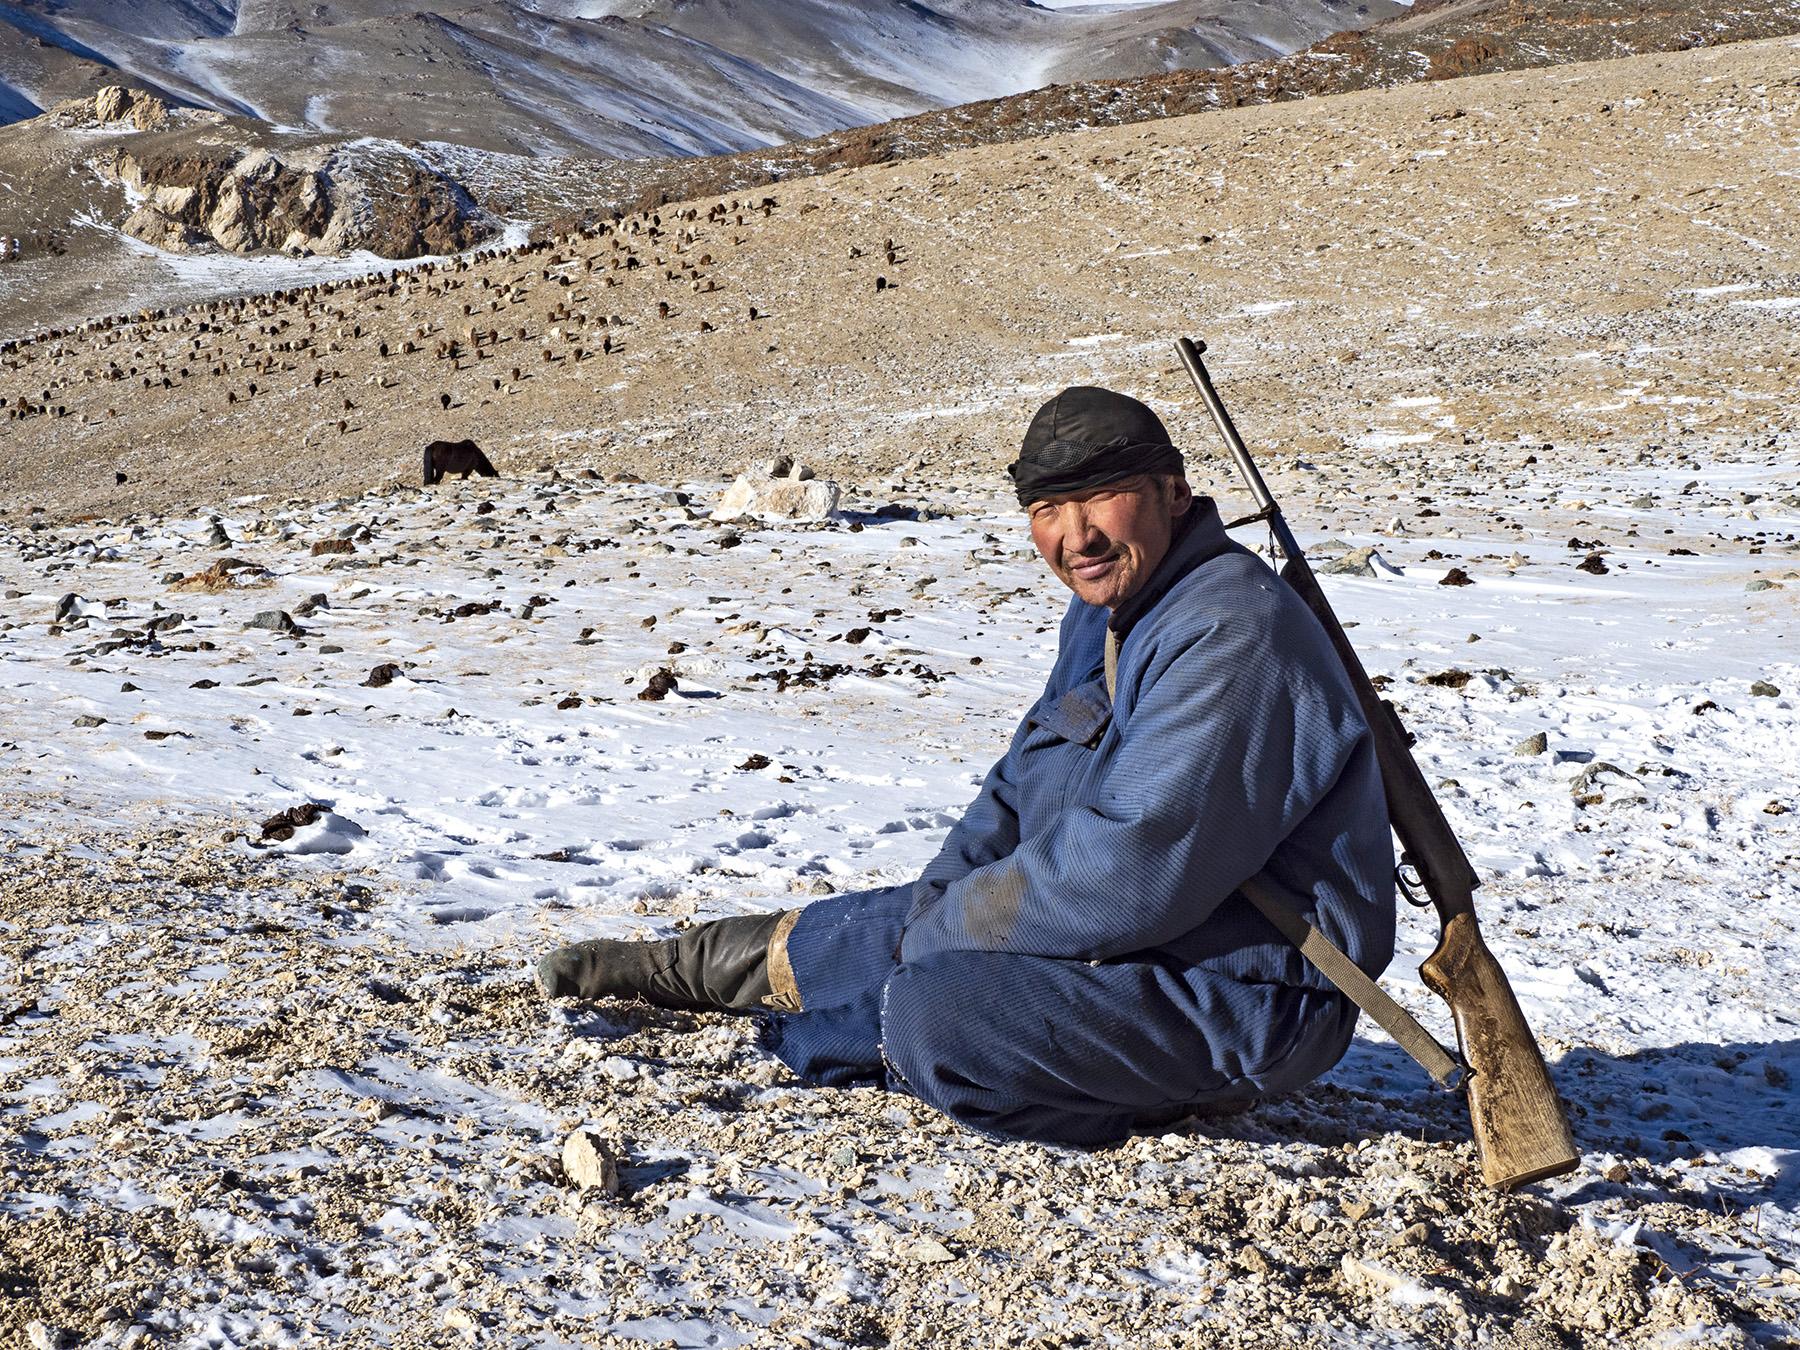 Ranjan_Ramchandani_The Nomadic shepard.jpg